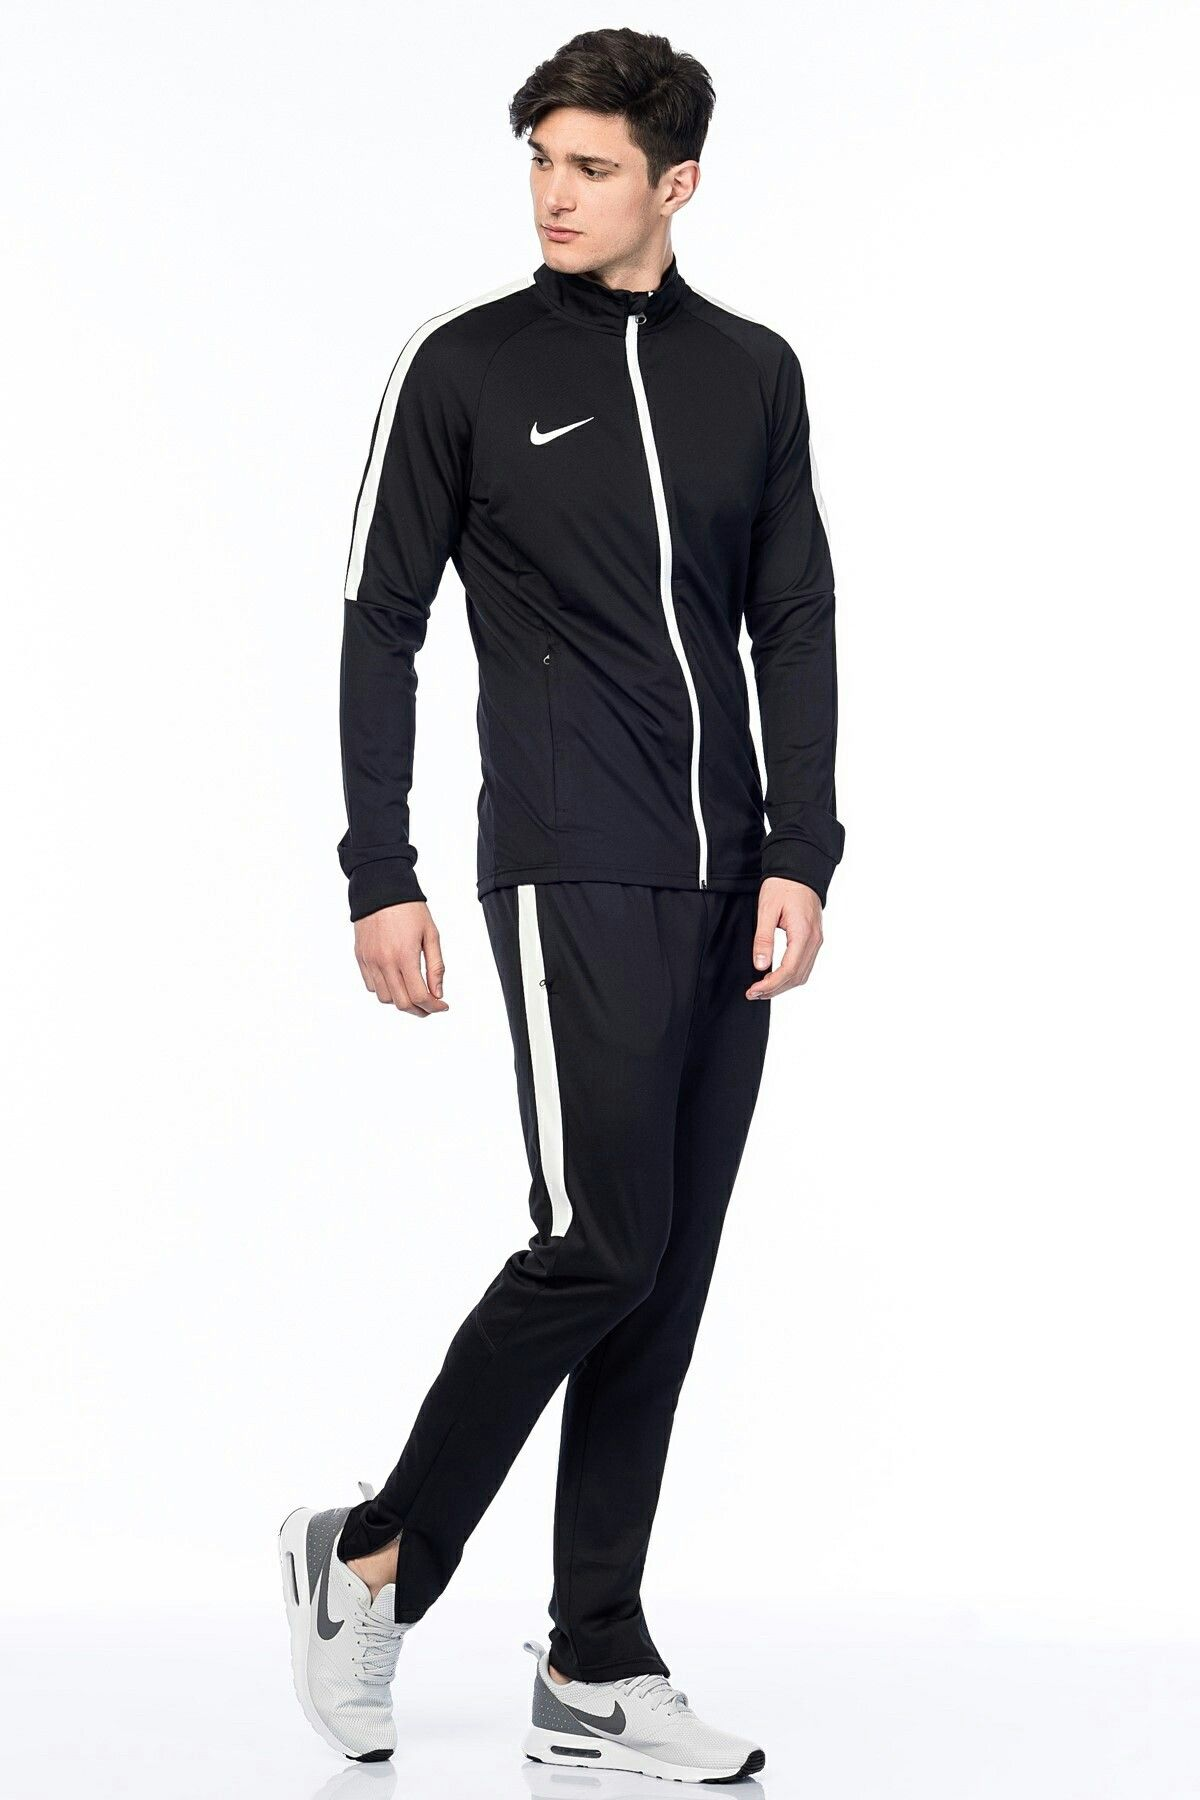 aprender Aplicado Continental  traje deportivo nike para hombre - Tienda Online de Zapatos, Ropa y  Complementos de marca